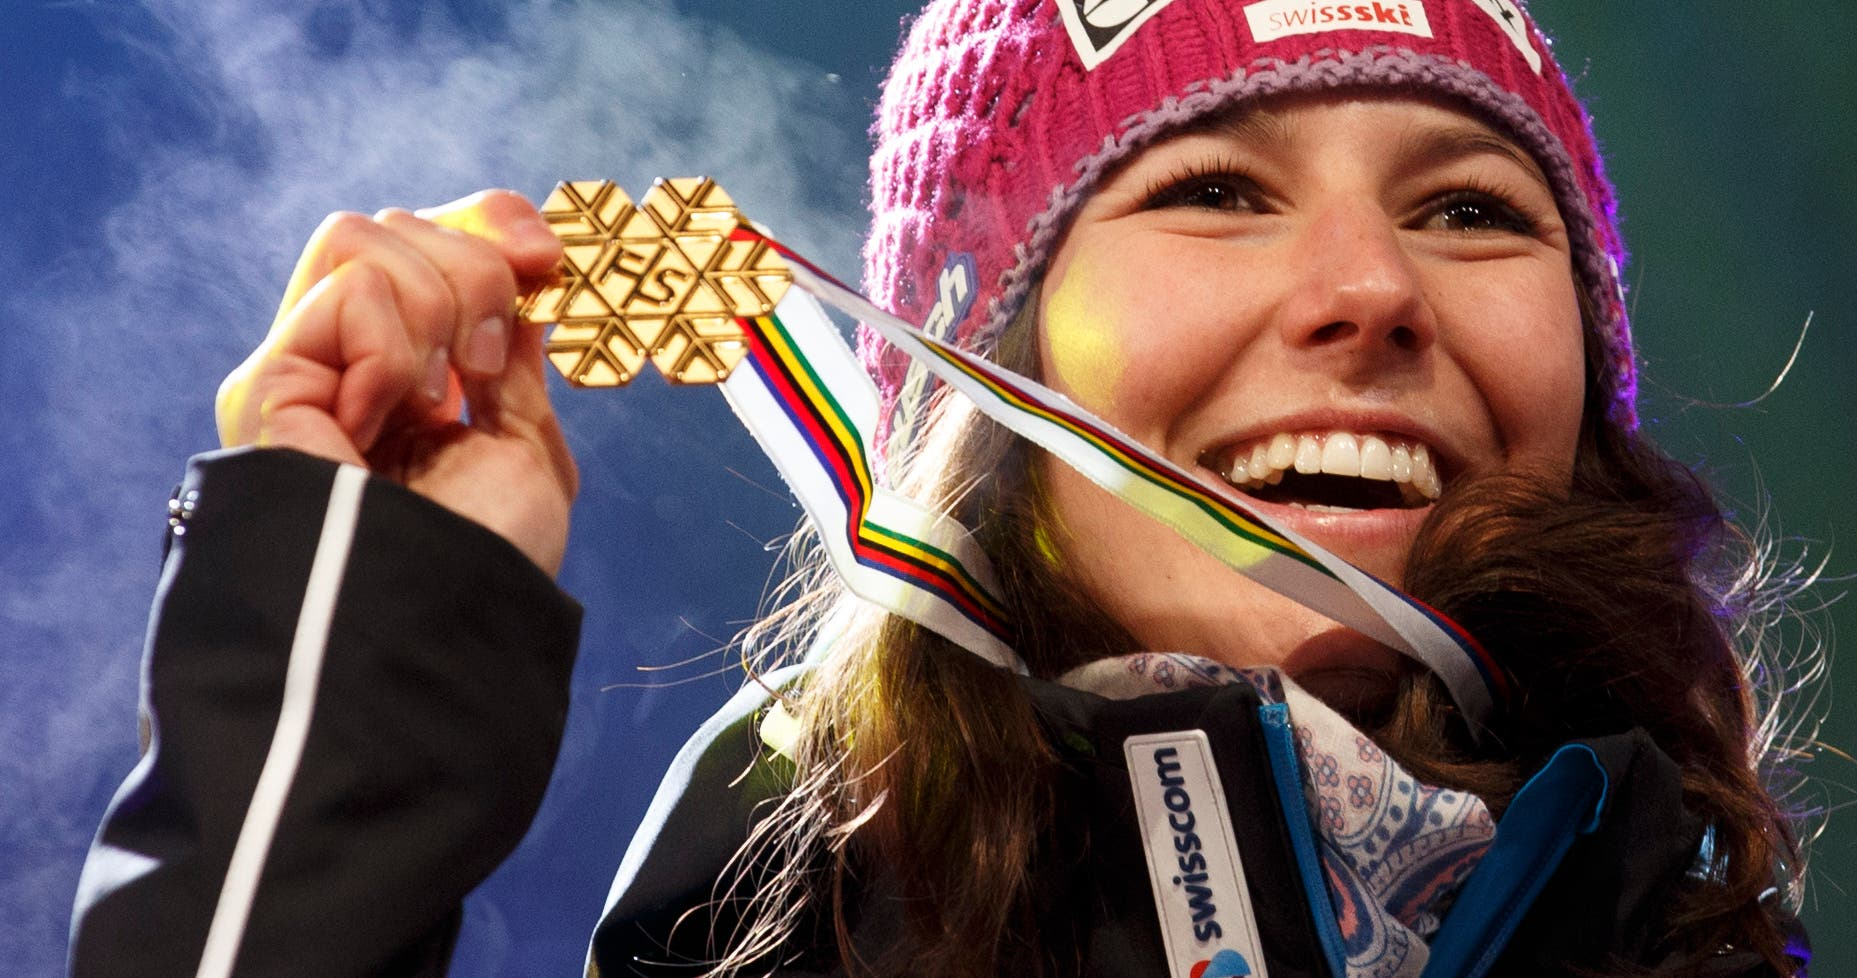 Wendy Holdener: Gold in der Kombination Irgendwann gehört er ihr, der Platz ganz zuoberst auf dem Podest. Nicht nur in der Kombination. Auch im Slalom. Irgendwann wird Wendy Holdener (23) den US-Überflieger Mikaela Shiffrin besiegen. Wir leiden mit. Und freuen uns bis dahin an Kombi-Siegen und zweiten Rängen. Sie kann für das Schweizer Highlight am letzten WM-Wochenende sorgen.